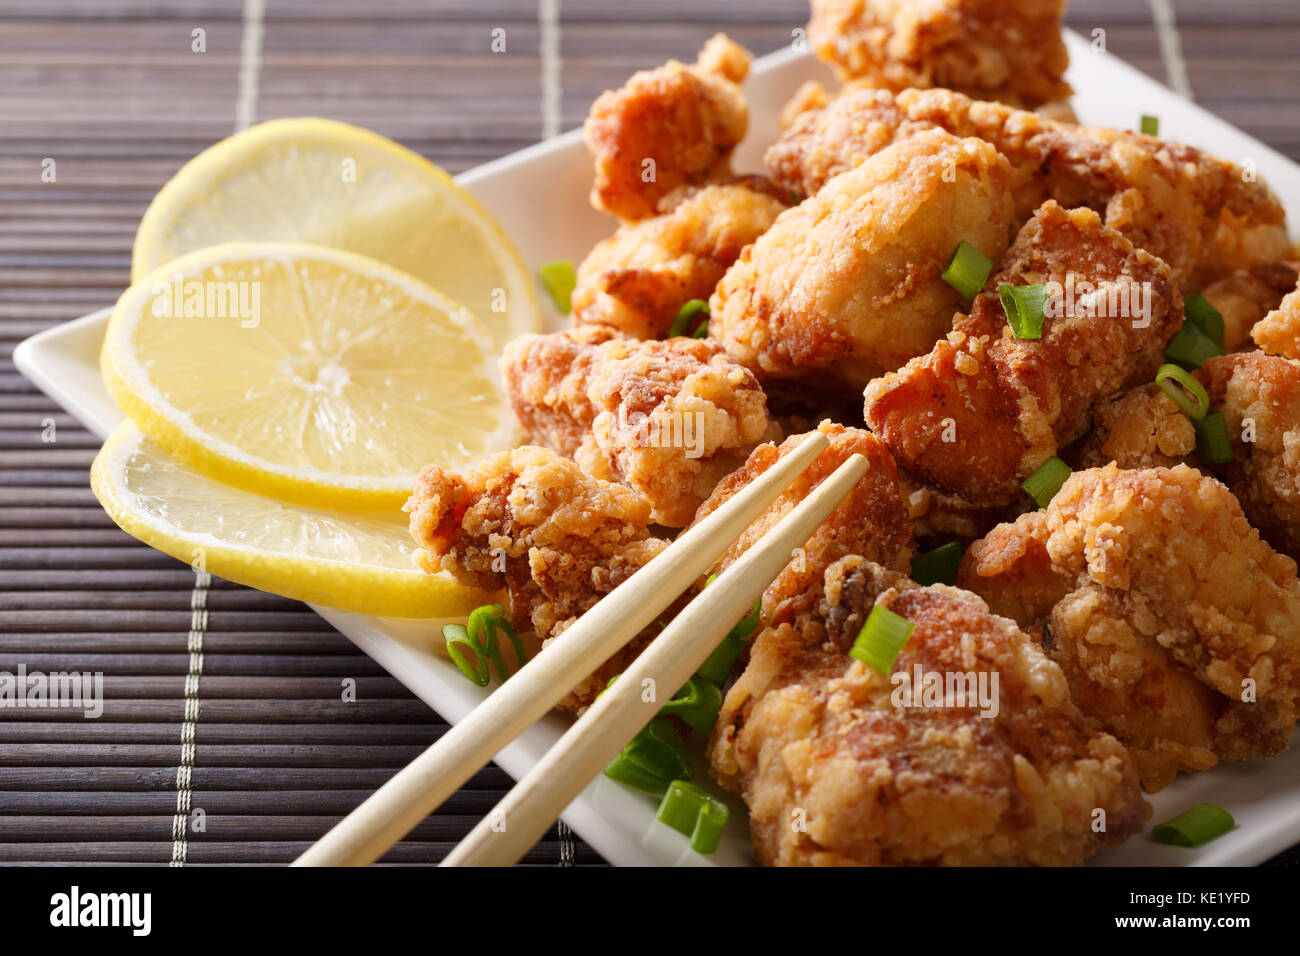 Plat japonais: fried chicken karaage avec un citron sur une plaque horizontale sur la table. Photo Stock